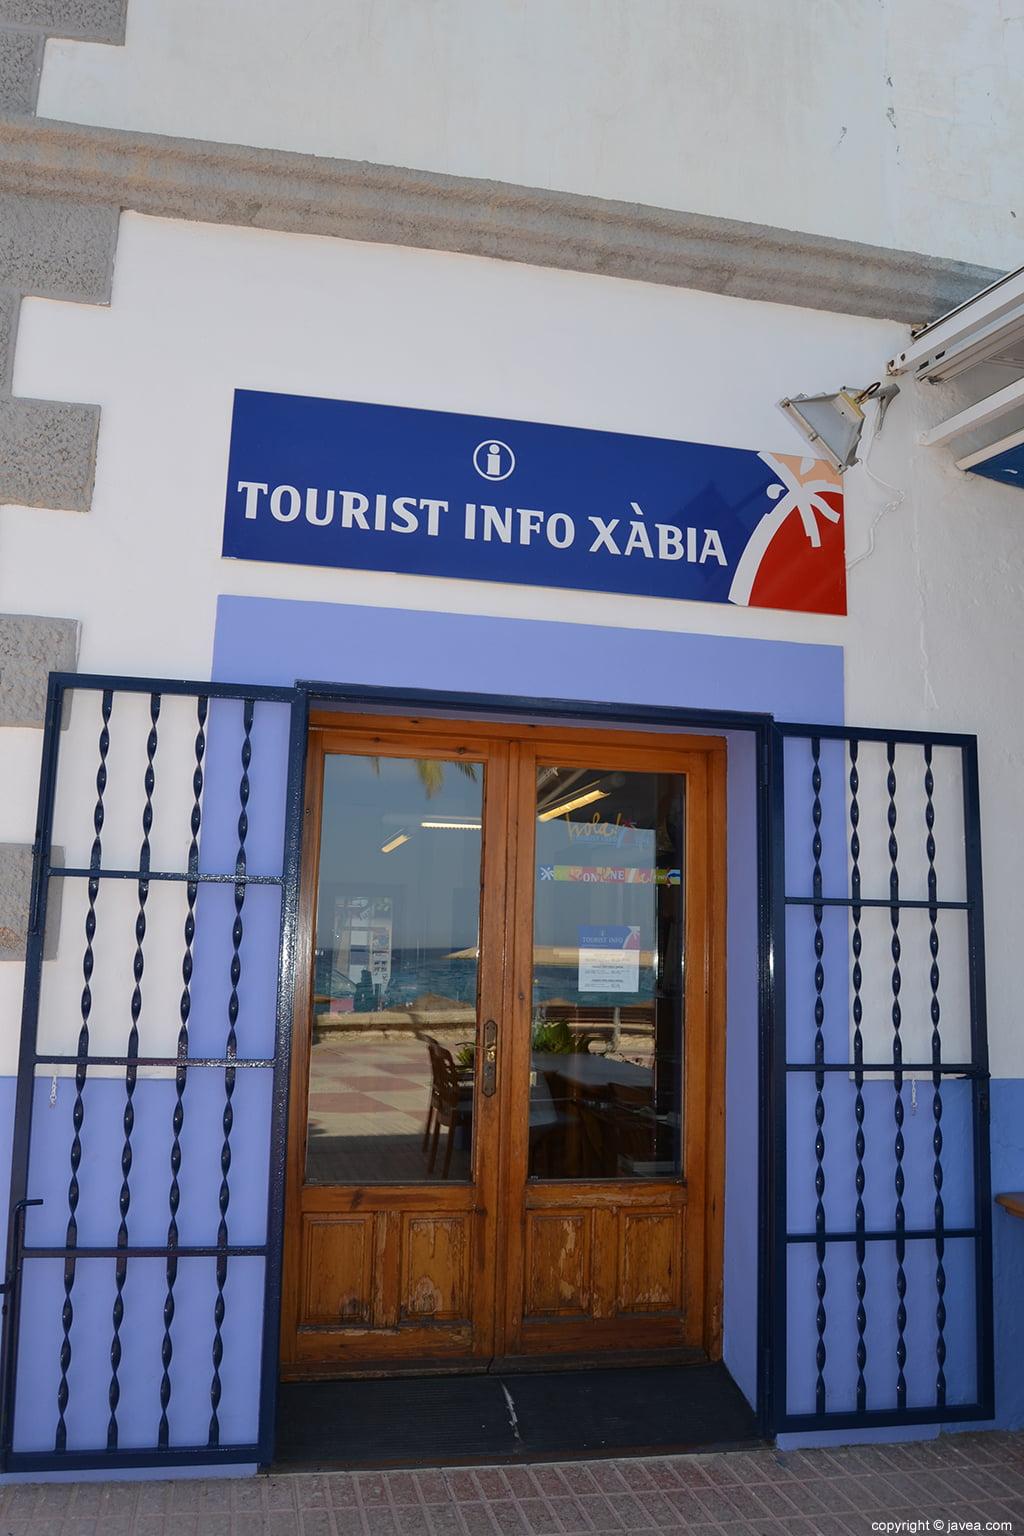 oficina de turismo en j vea j x